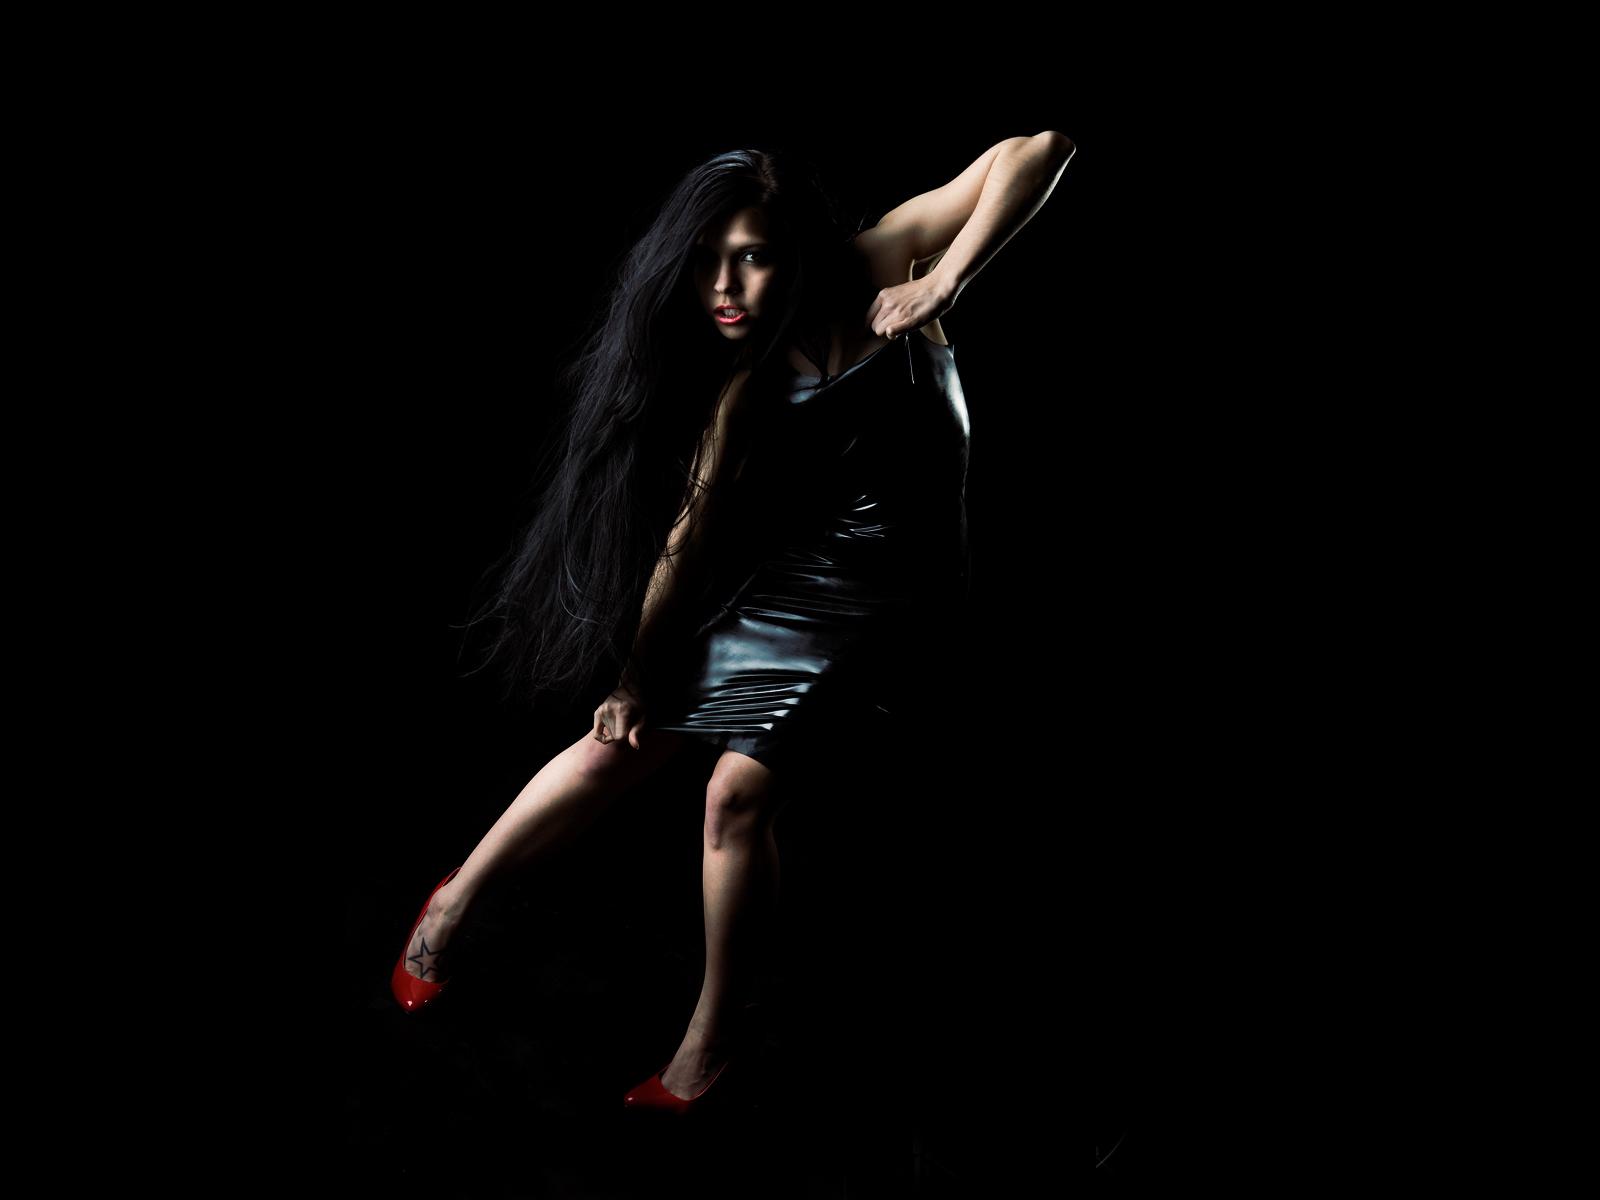 девушка брюнетка черное платье бесплатно